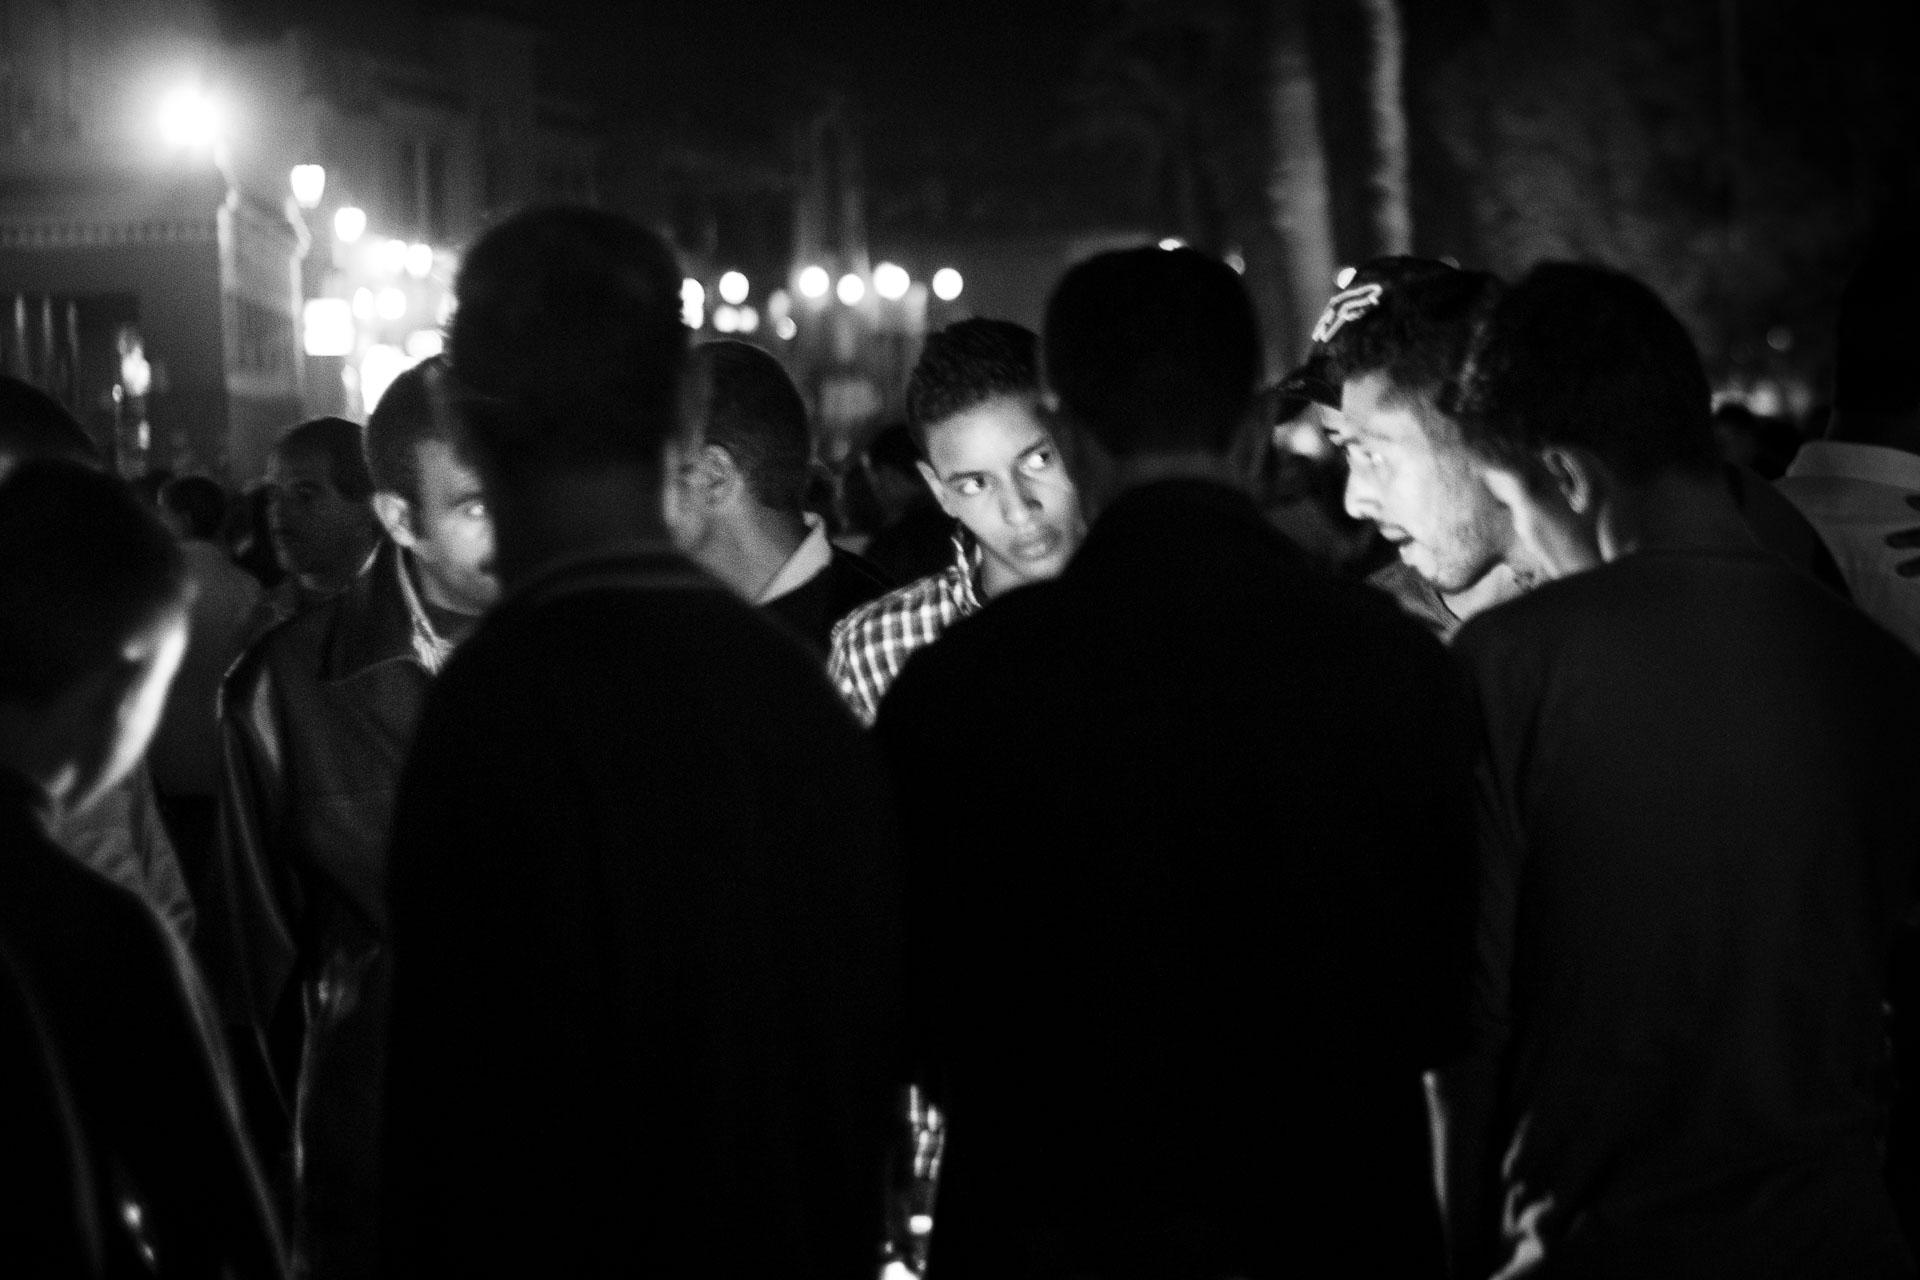 Fotografía en la que se ve a un grupo de gente escuchando un contador de historias